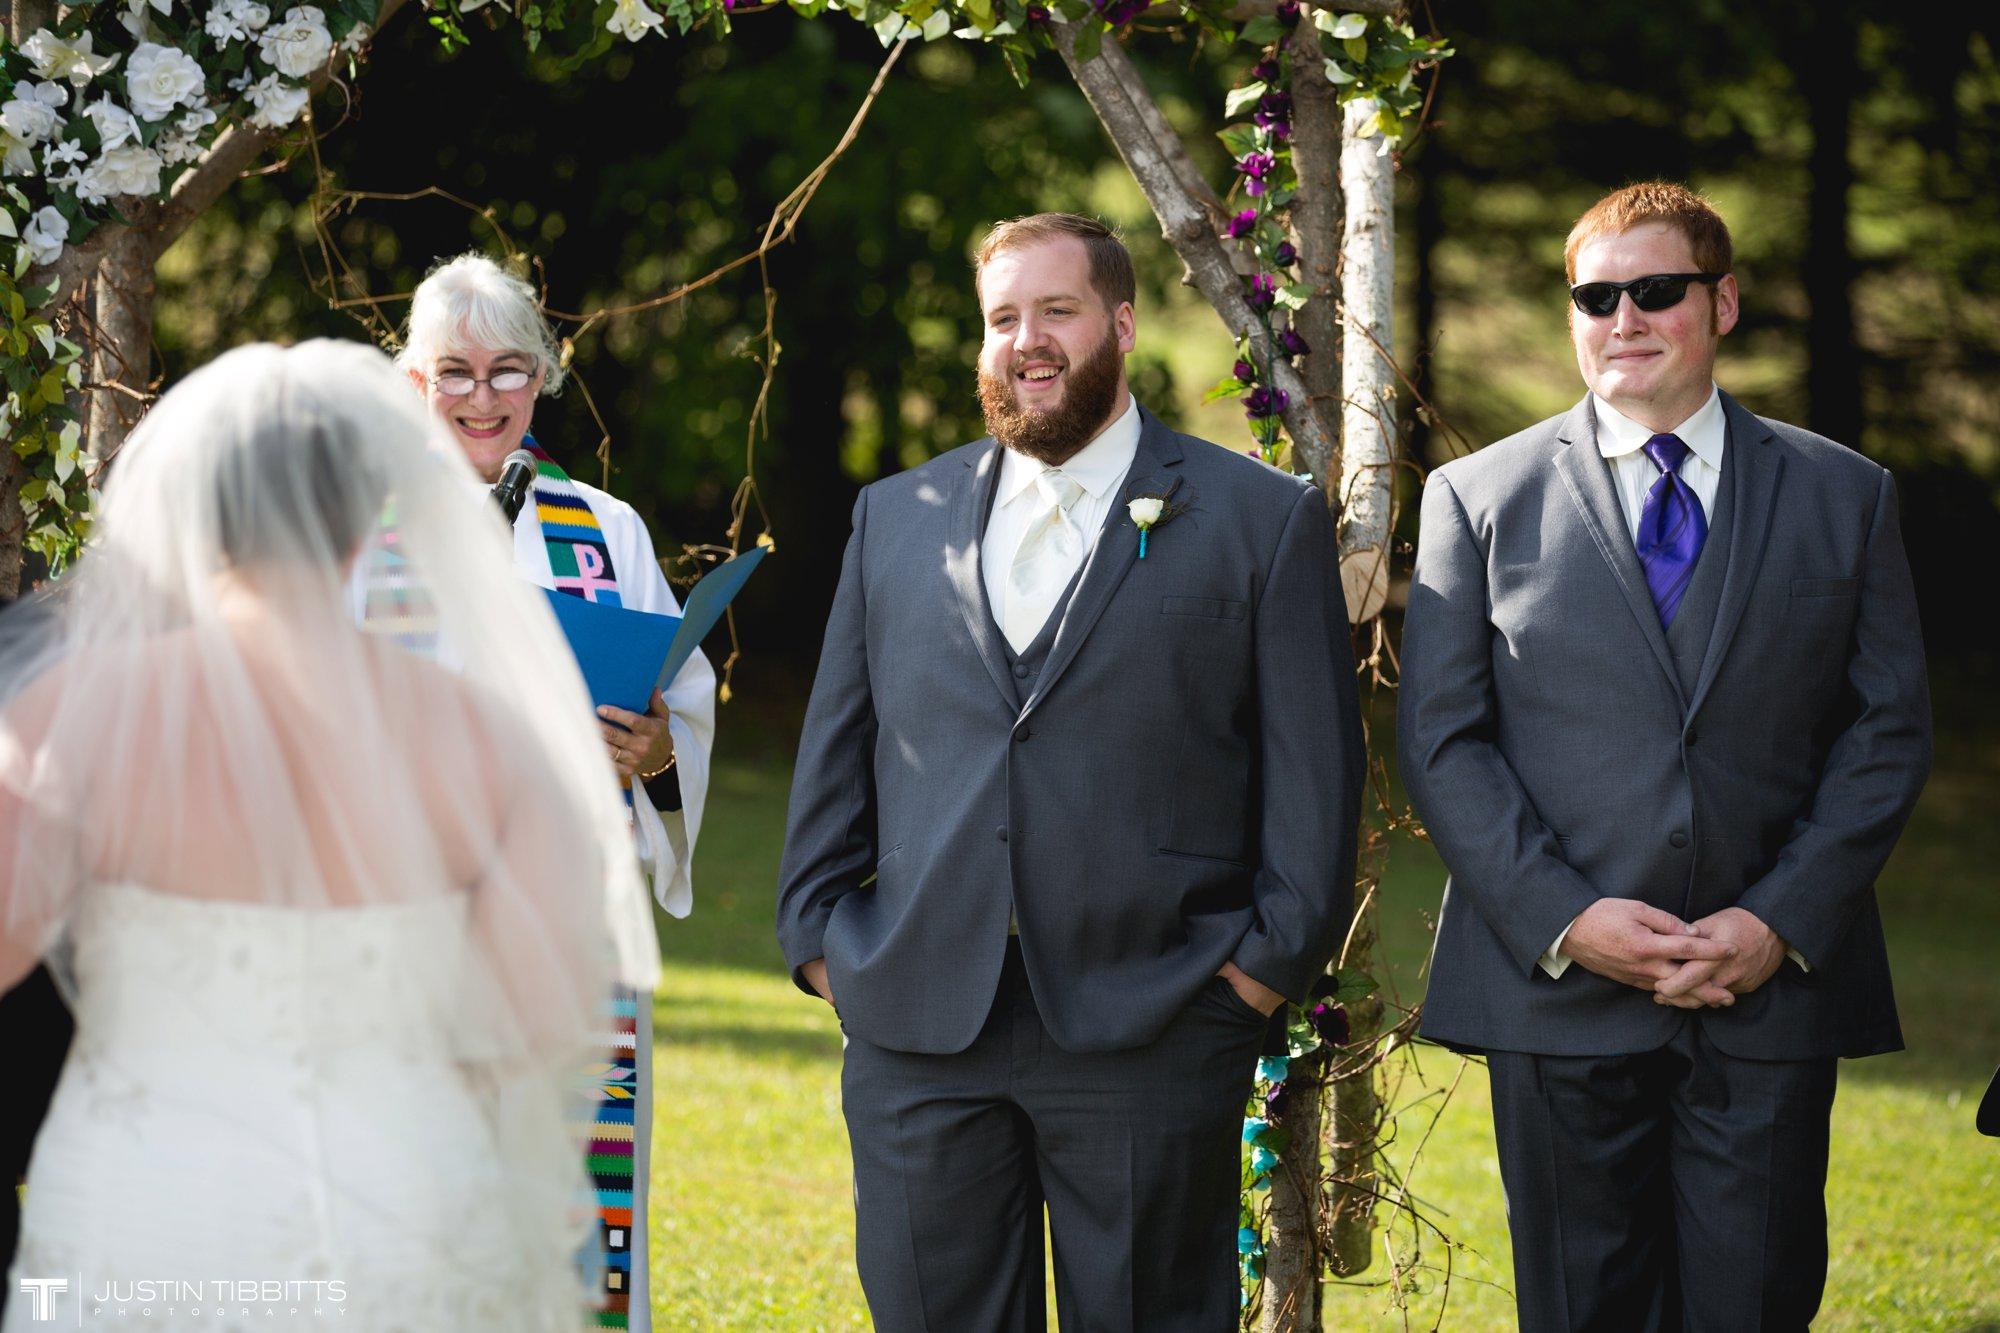 Albany NY Wedding Photographer Justin Tibbitts Photography 2014 Best of Albany NY Weddings-1383745226